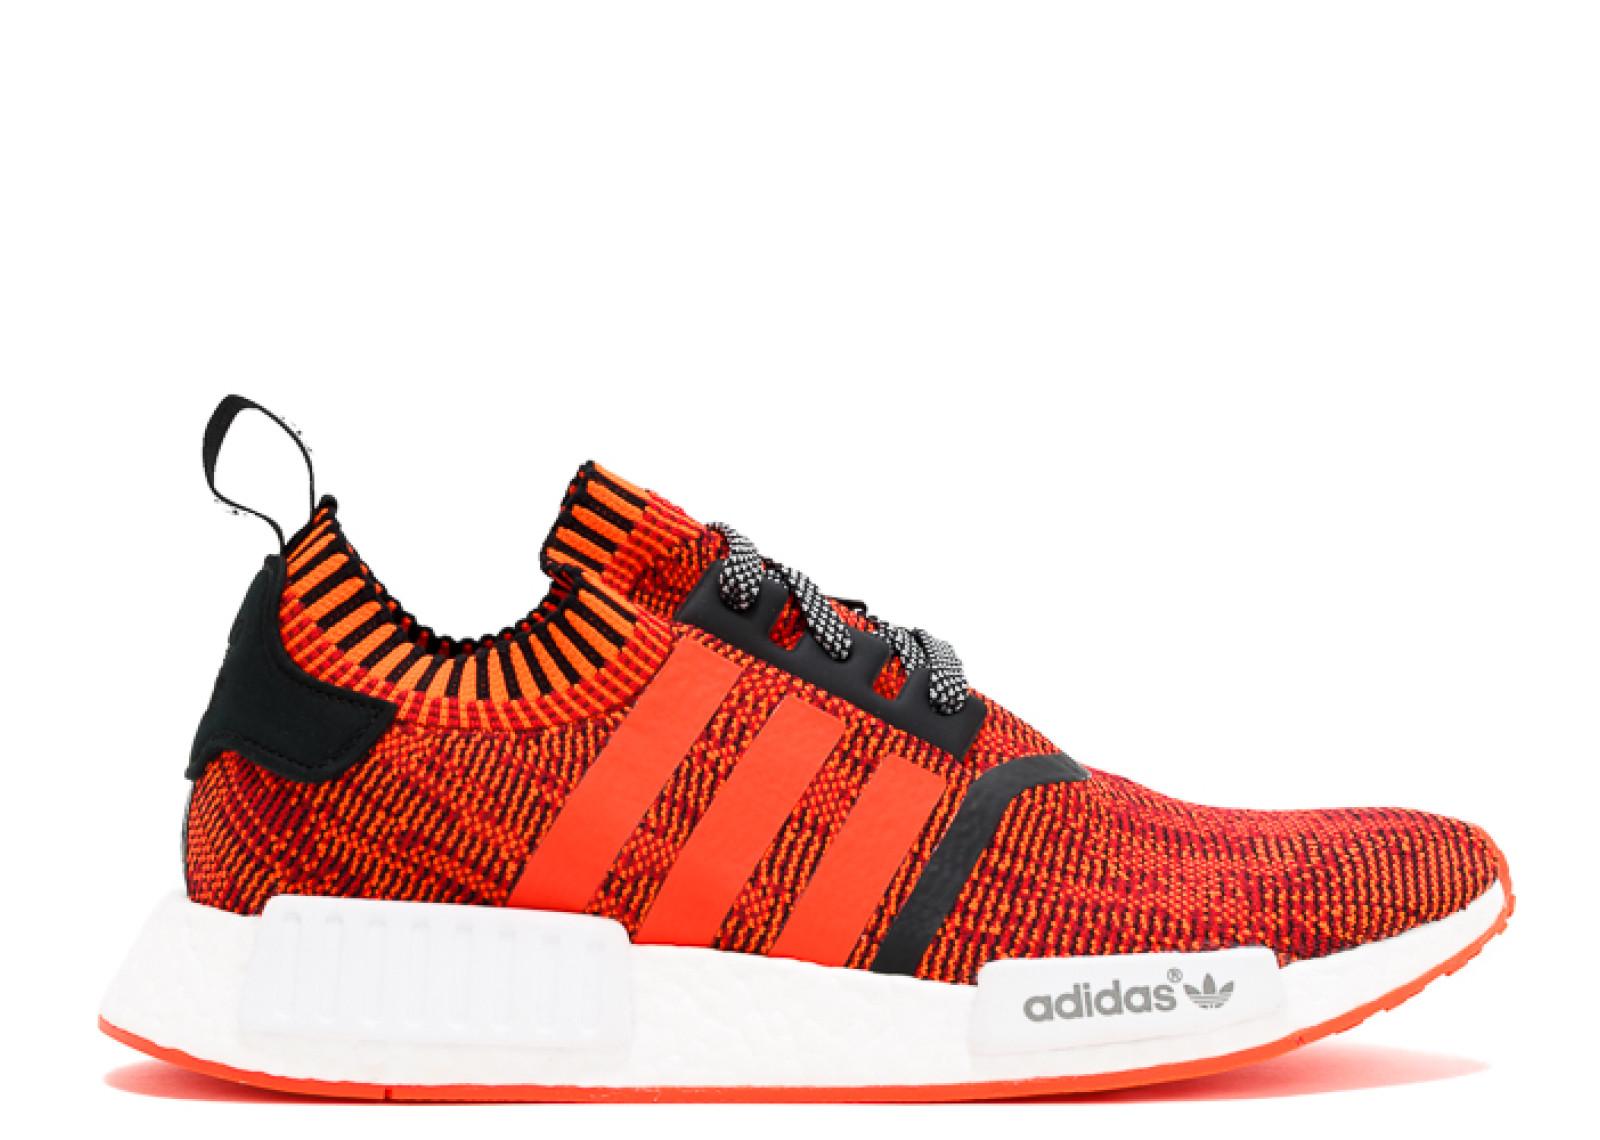 アディダス ピーケー ニューヨークシティー 赤 レッド アップル メンズ 男性用 スニーカー 靴 メンズ靴 【 ADIDAS NMD R1 PK NYC RED APPLE WHITE BLACK 】